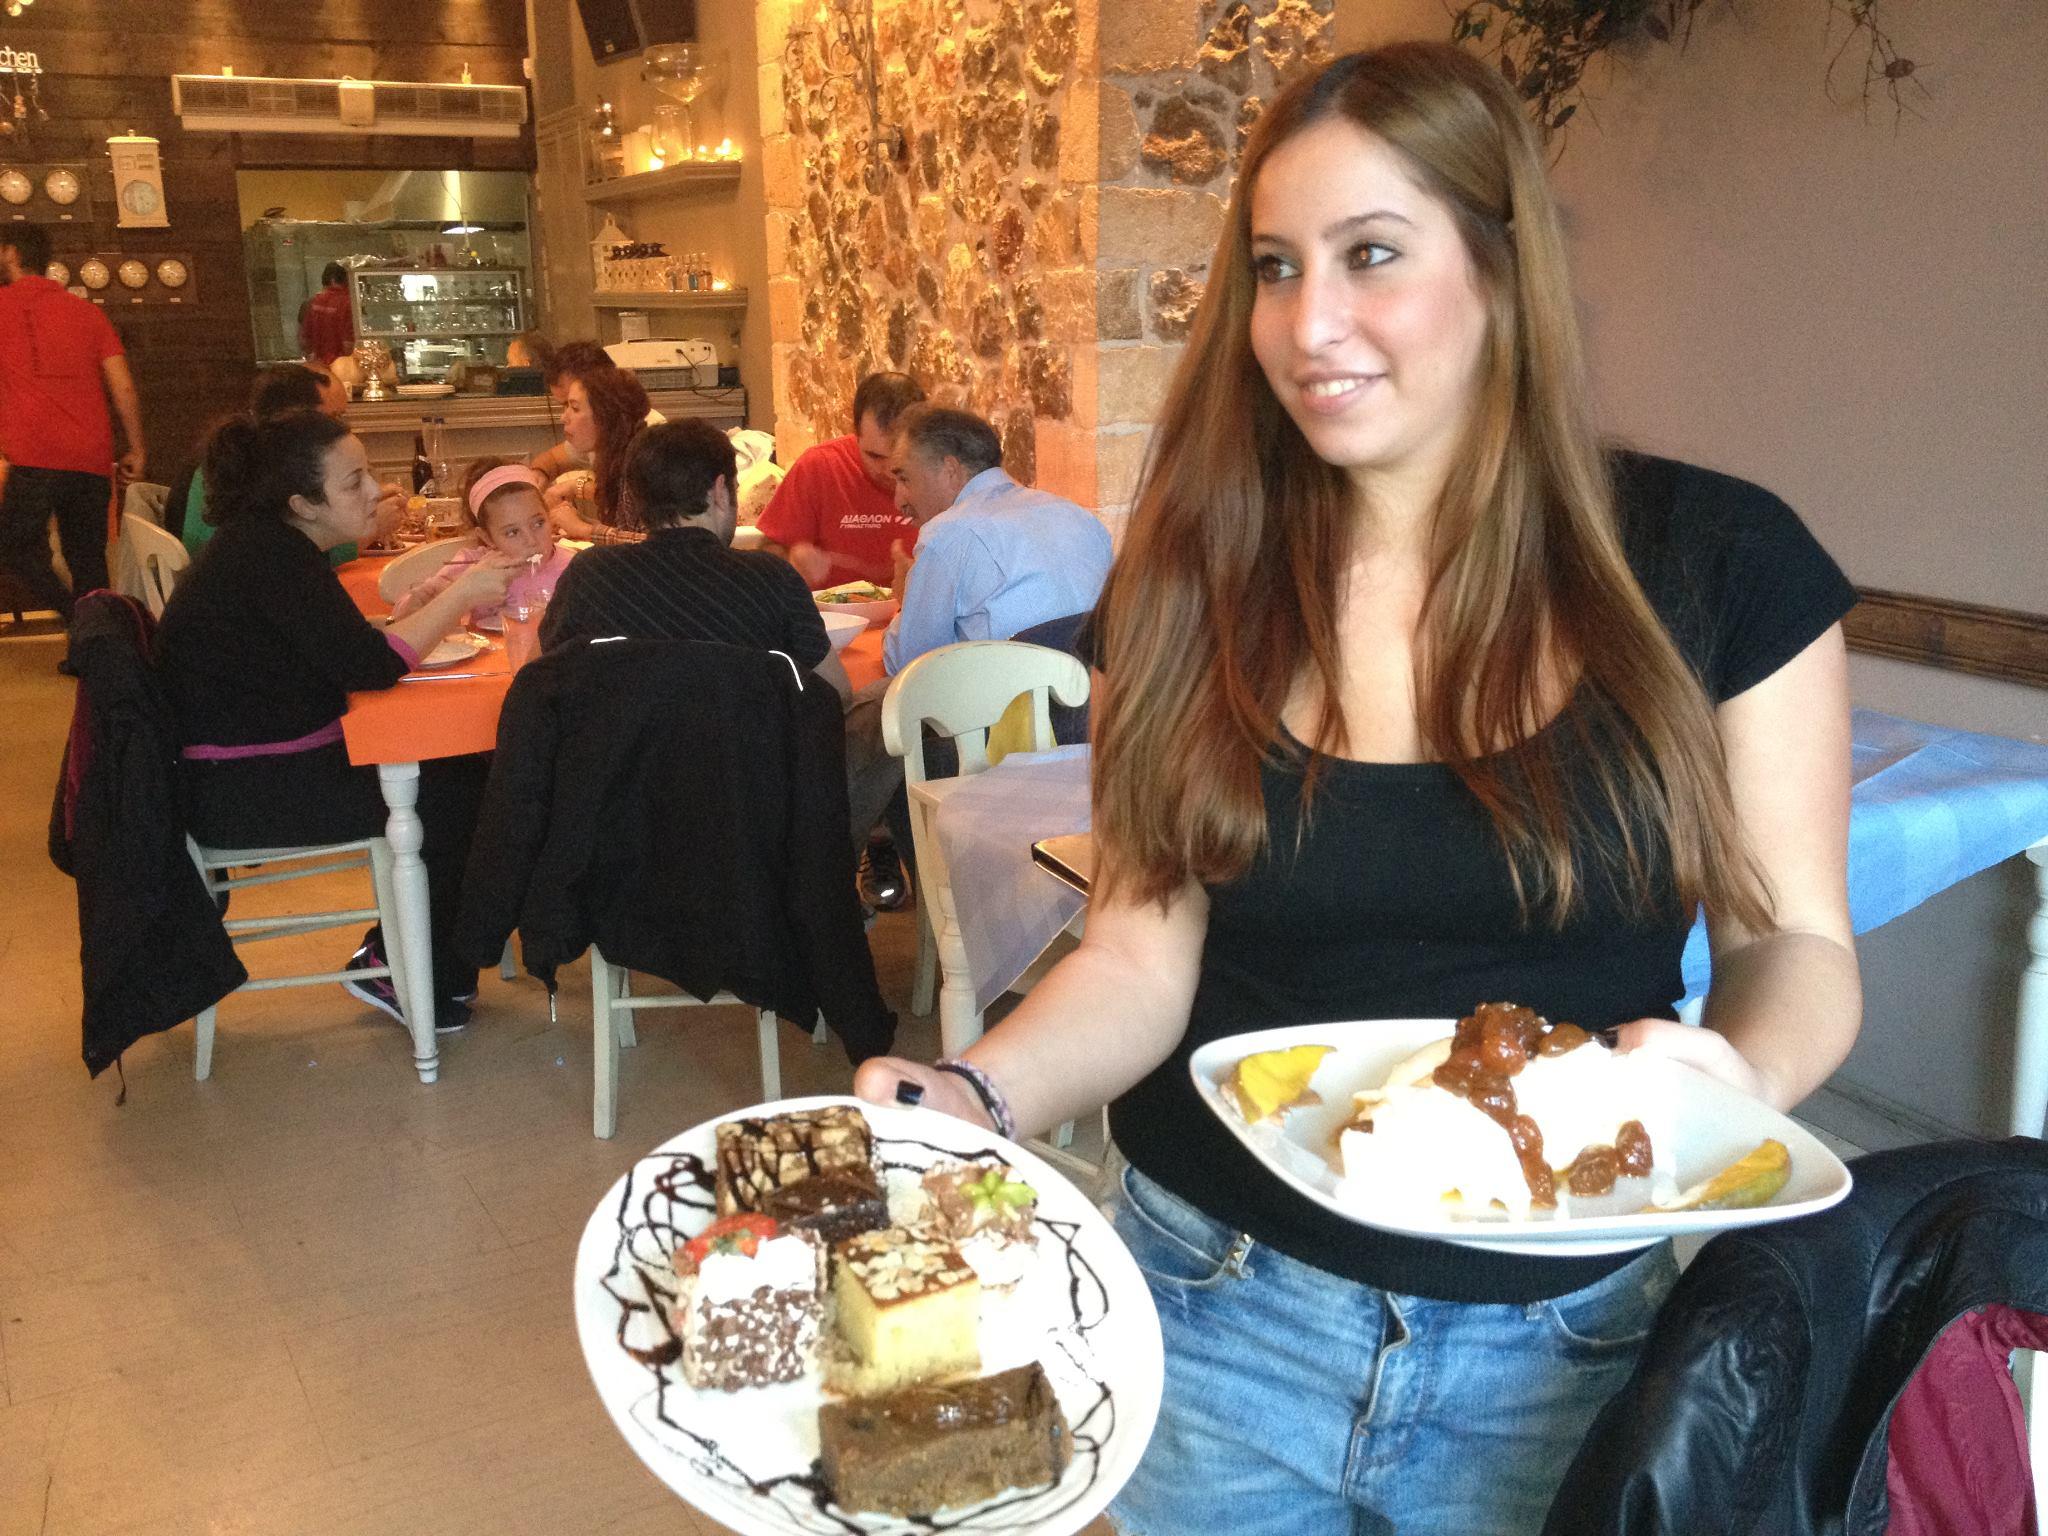 Εστιατόριο Ρήγας: Δώρο το τραπέζι απόψε για δύο ερωτευμένα ζευγάρια! - Φωτογραφία 2